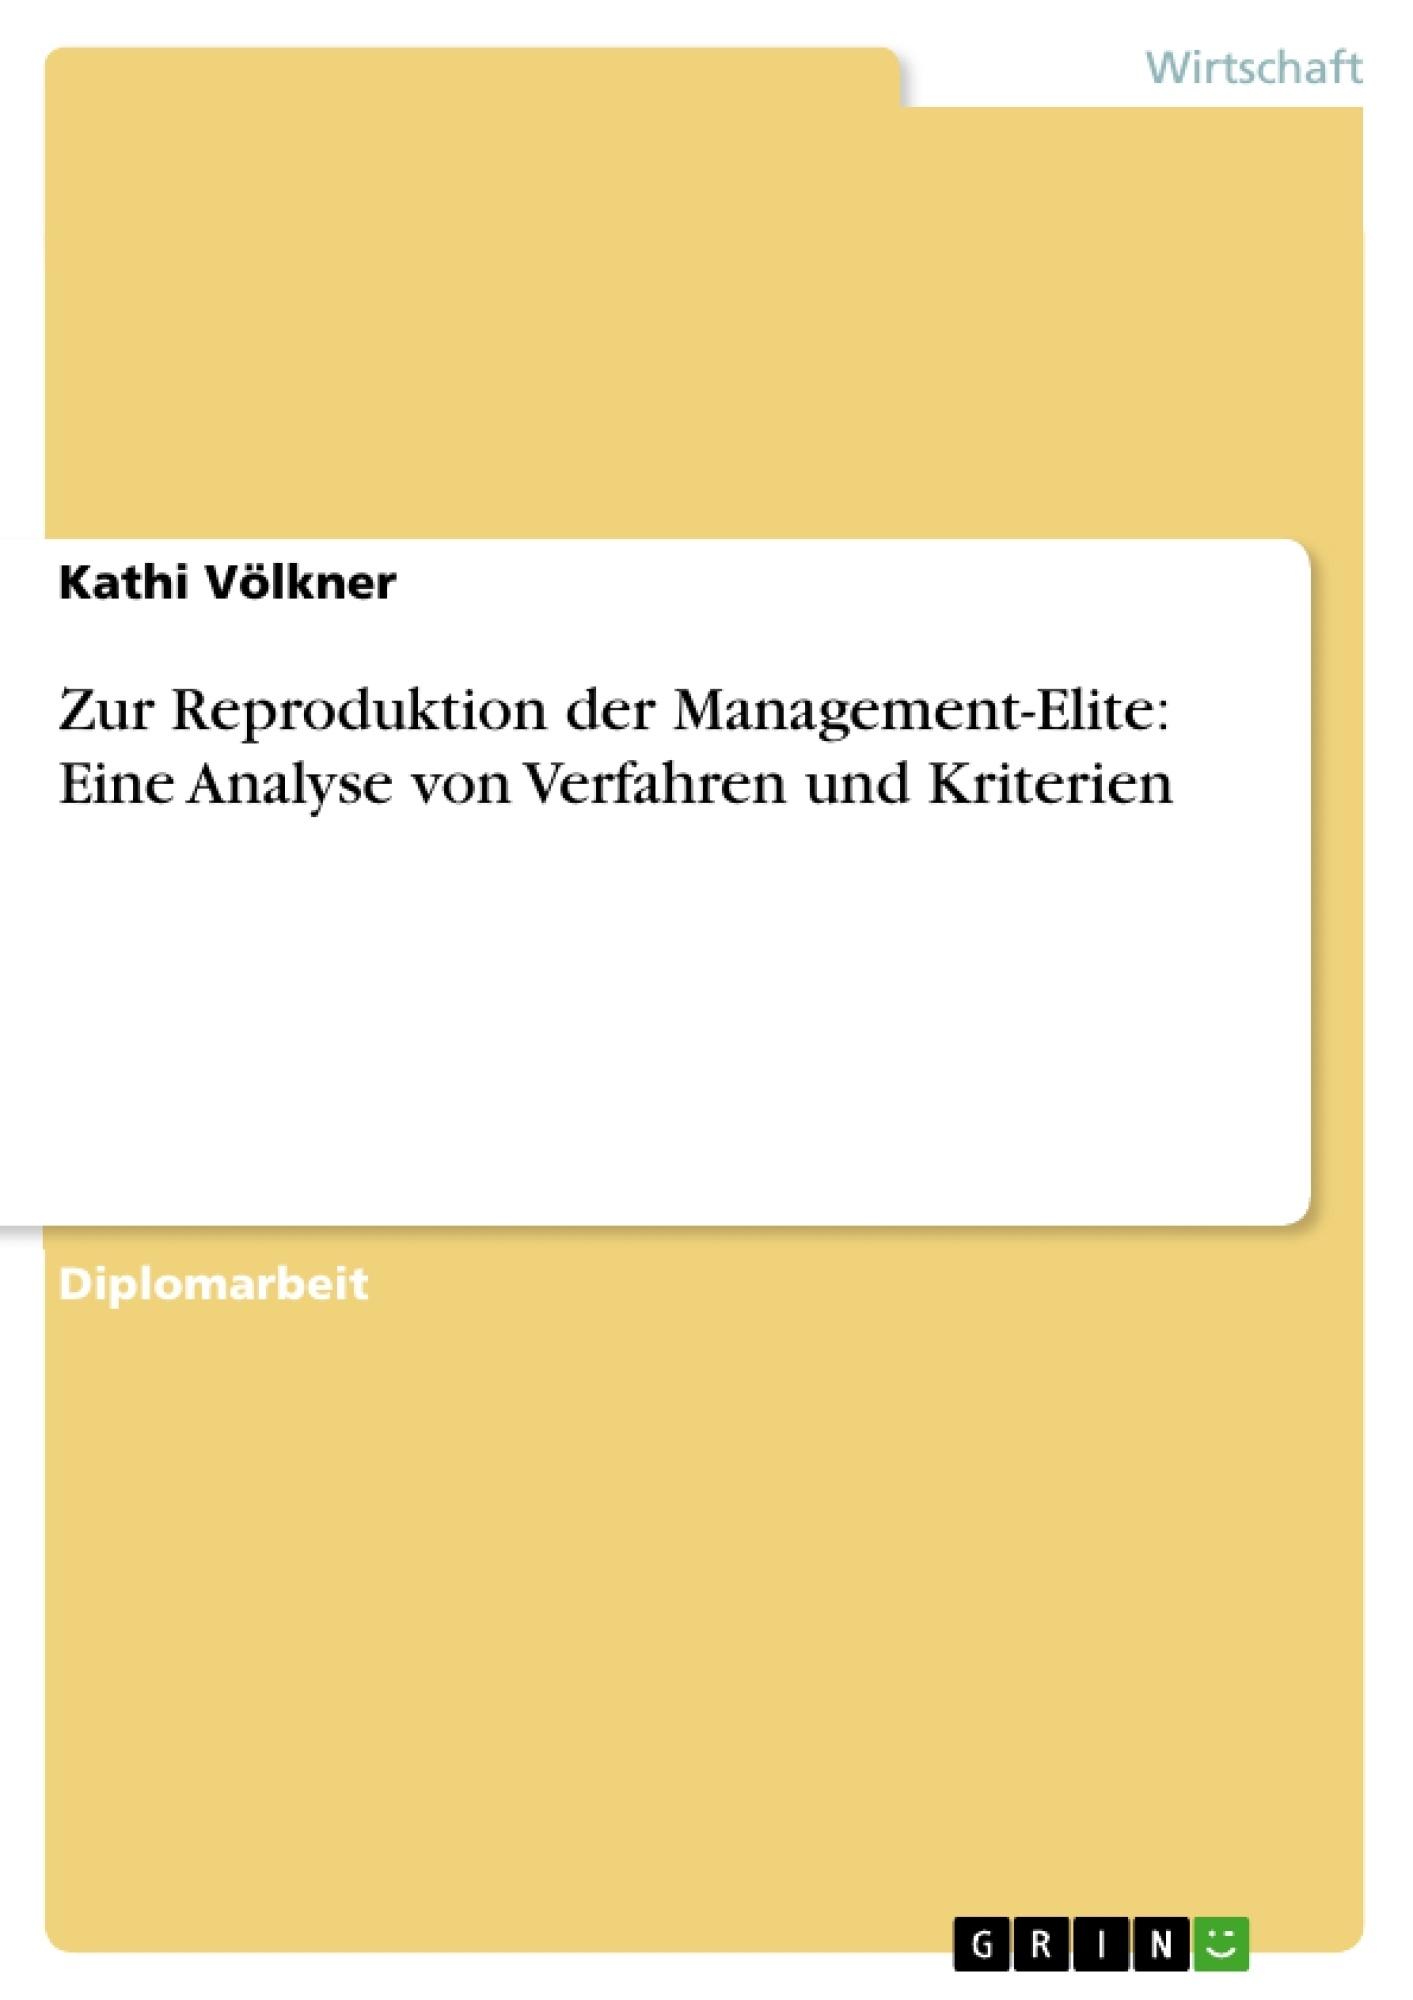 Titel: Zur Reproduktion der Management-Elite: Eine Analyse von Verfahren und Kriterien